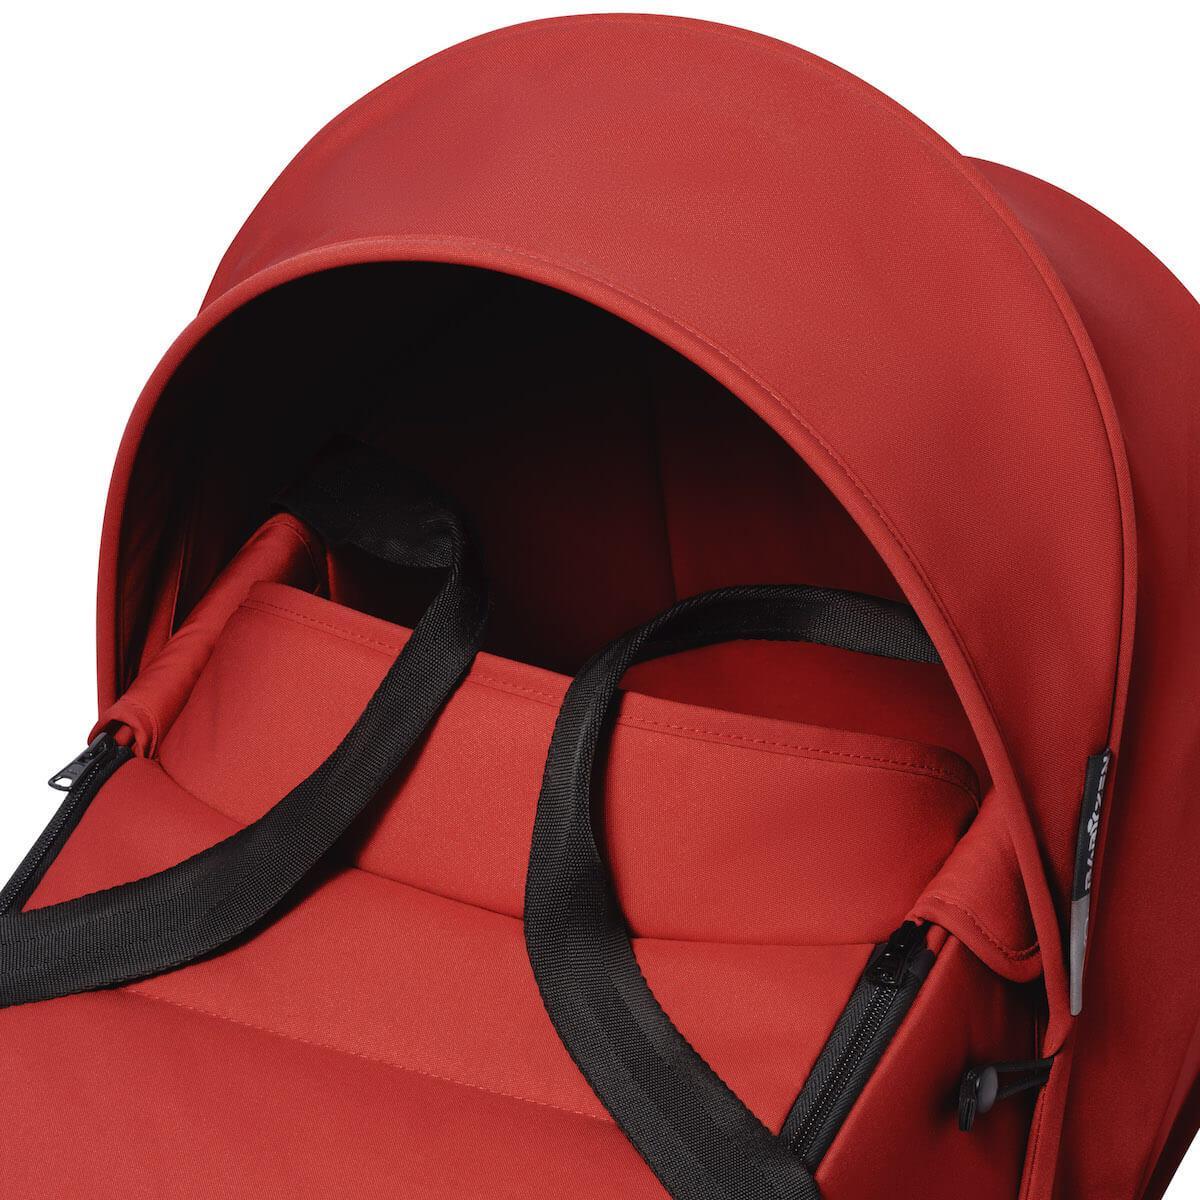 Poussette BABYZEN YOYO² tout en un nacelle/siège auto/6+ noir-rouge